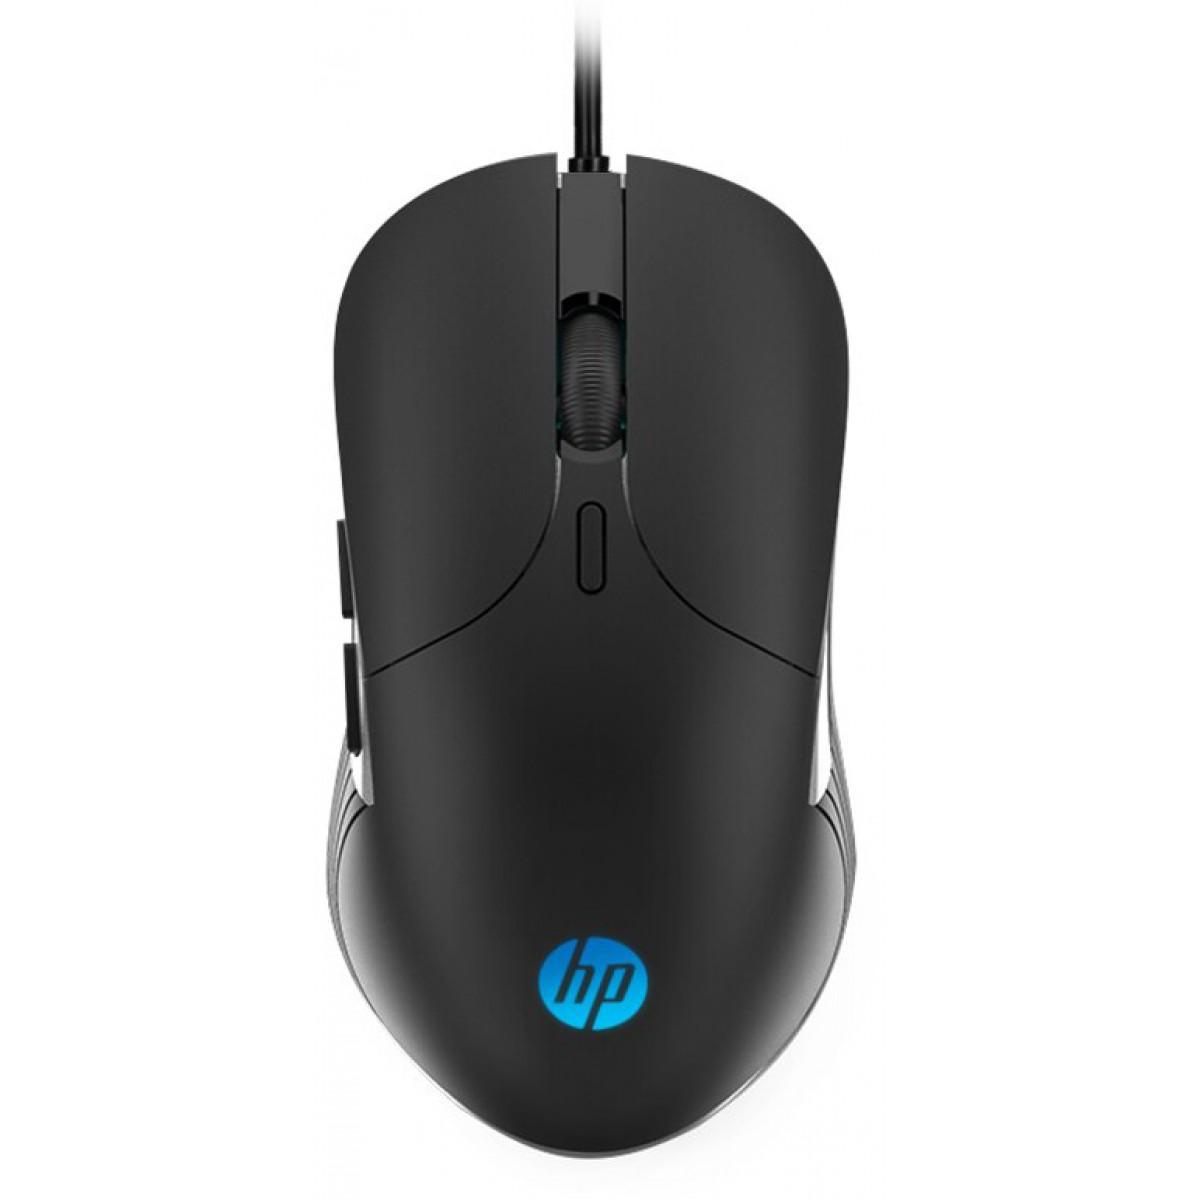 Mouse Gamer HP M280, 2400 DPI, LED RGB, 6 Botões Programáveis, Black